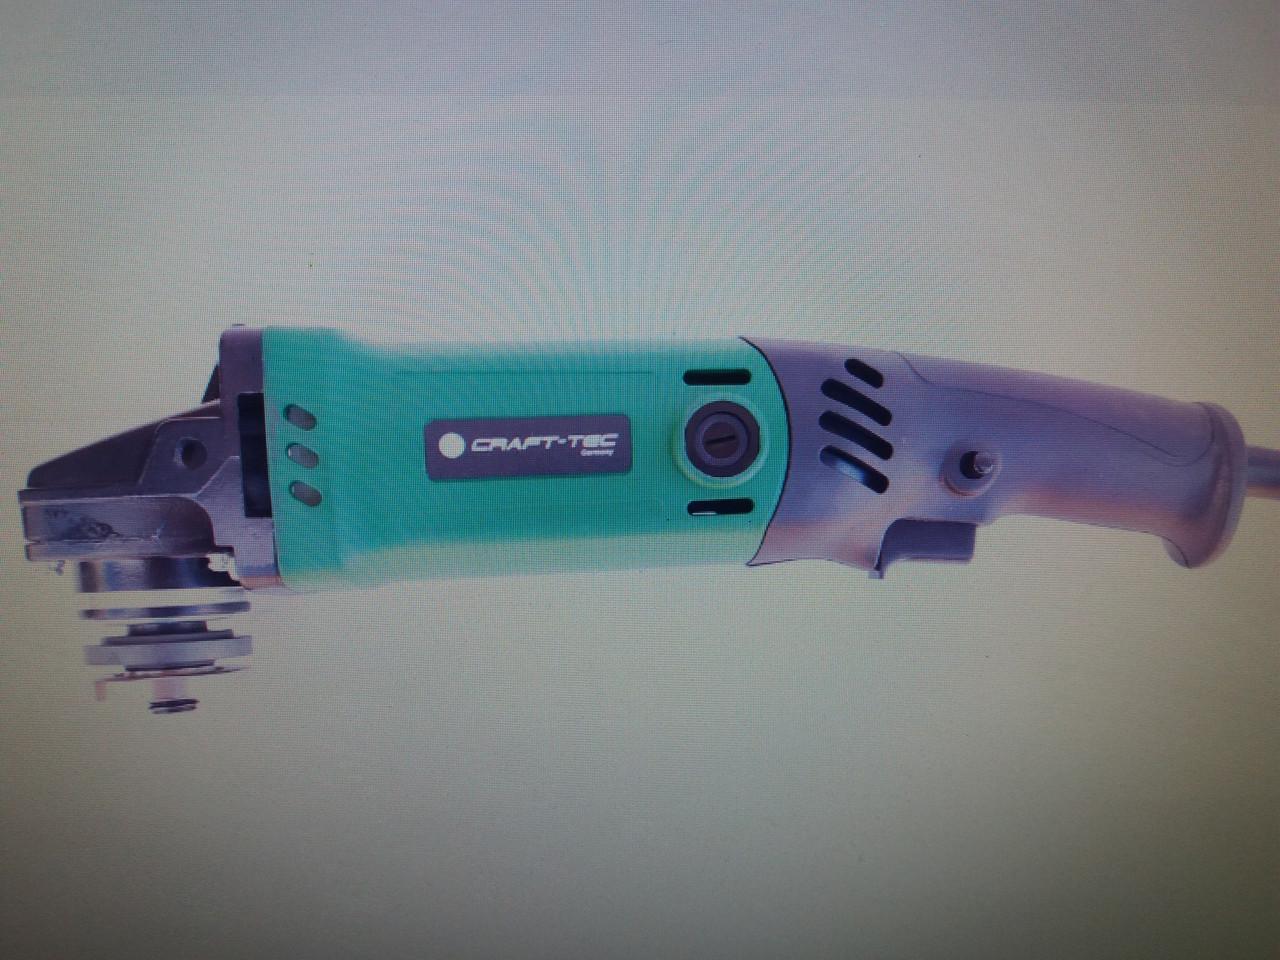 Угловая шлифмашина Craft-tec PXAG-403 125 мм(дл.ручка)®